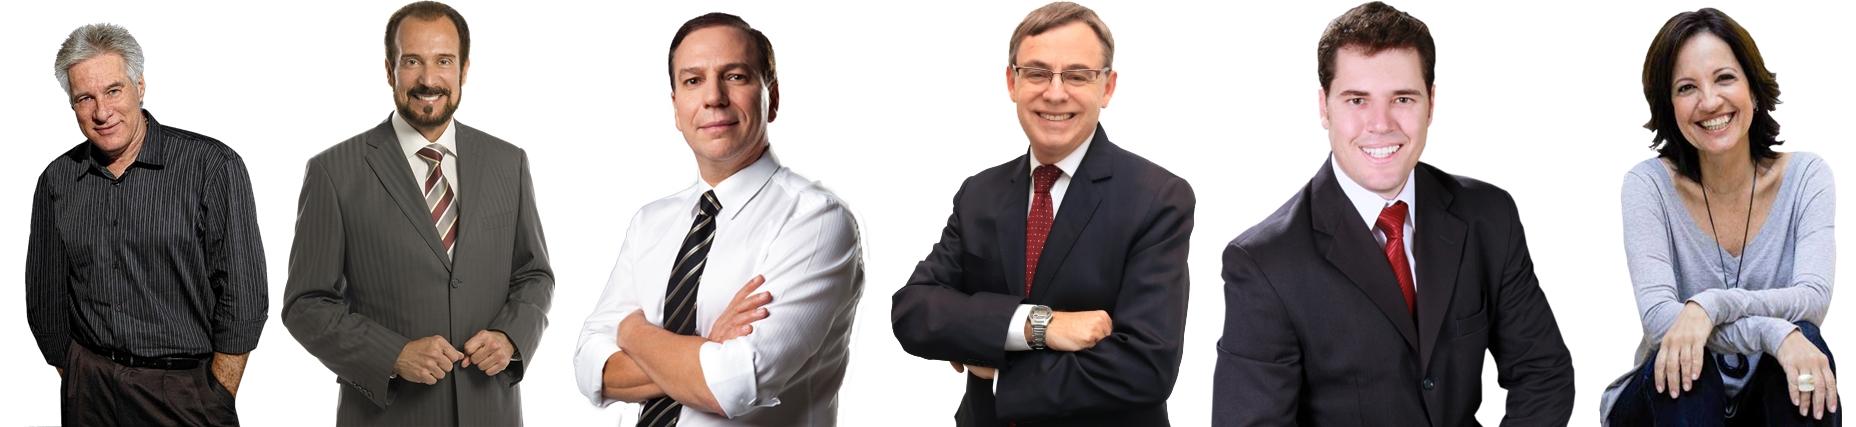 10 Congresso Brasileiro de Vendas - Os Especialistas - EventsPromoter